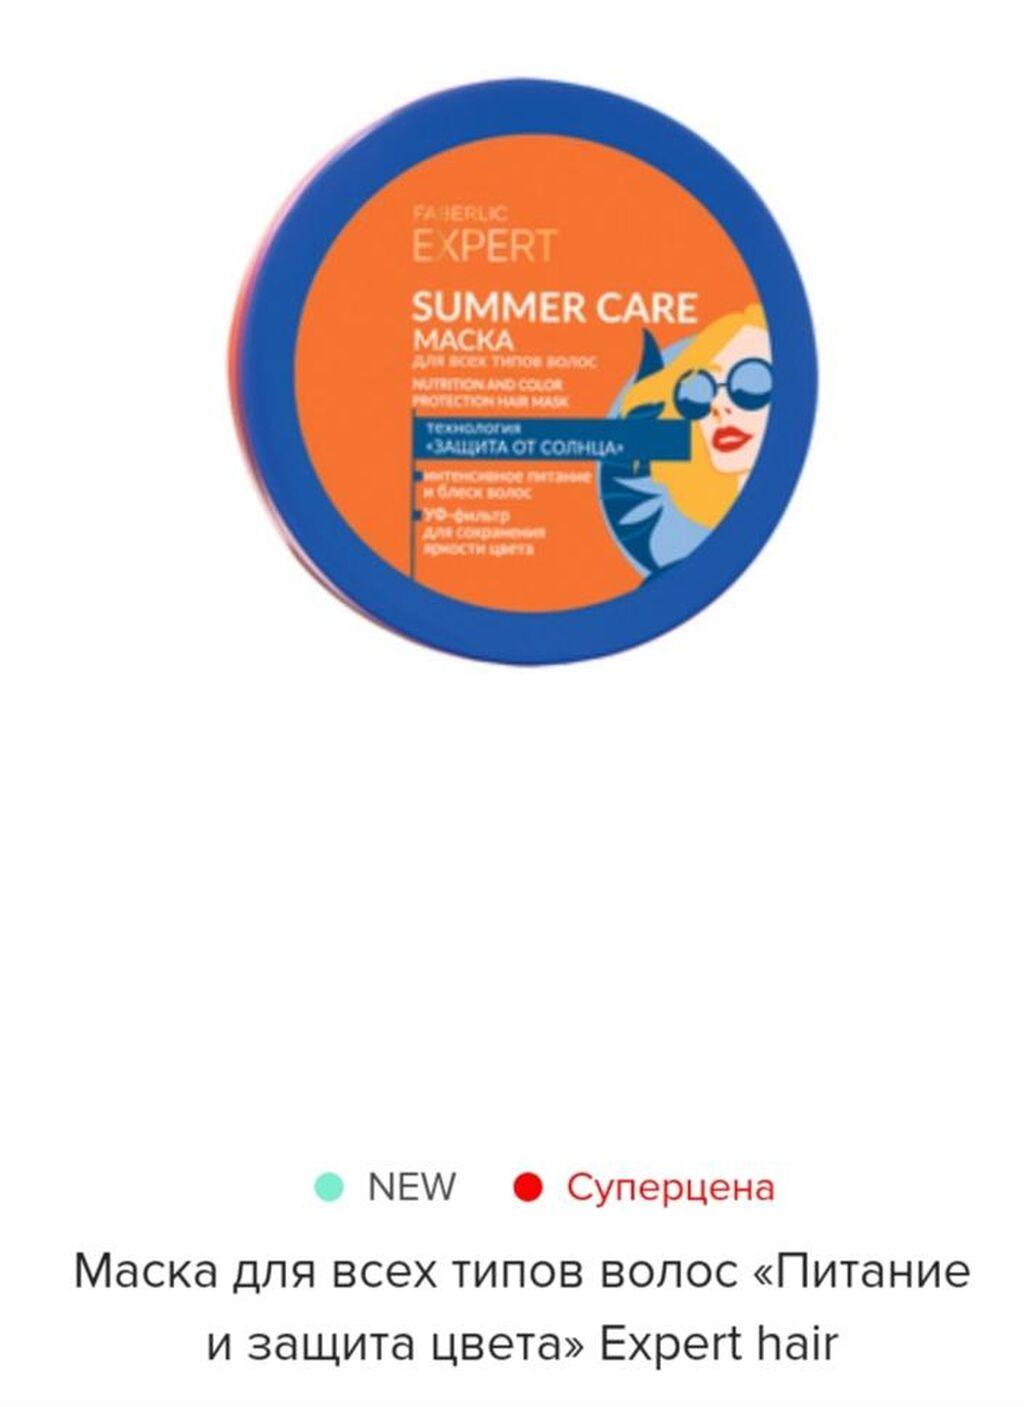 Маска для всех типов волос Summer Care,Питание и защита цвета,